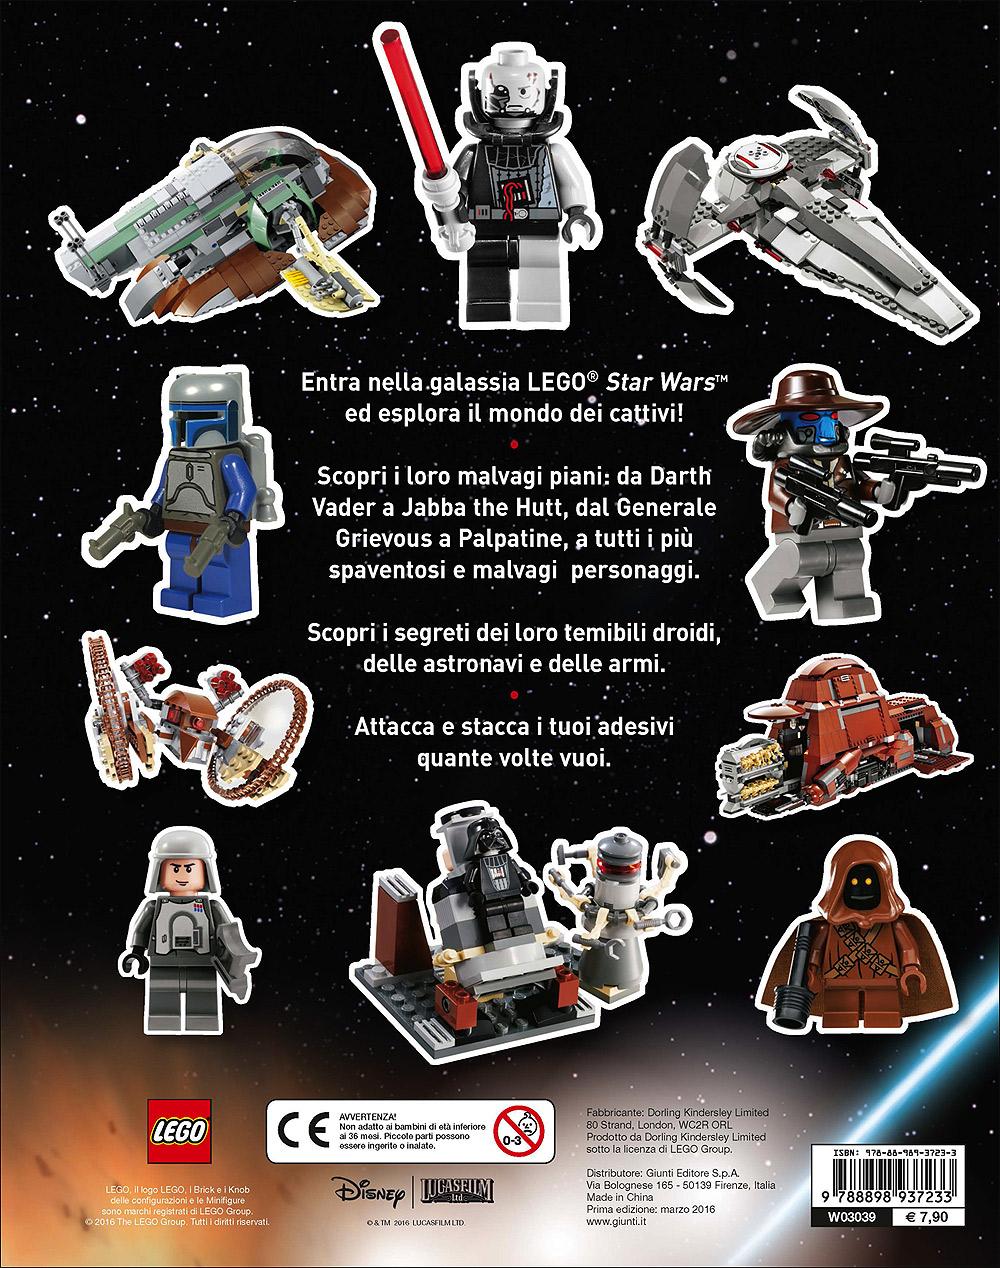 Attacca gli eroi - LEGO Star Wars. Tutto sui cattivi